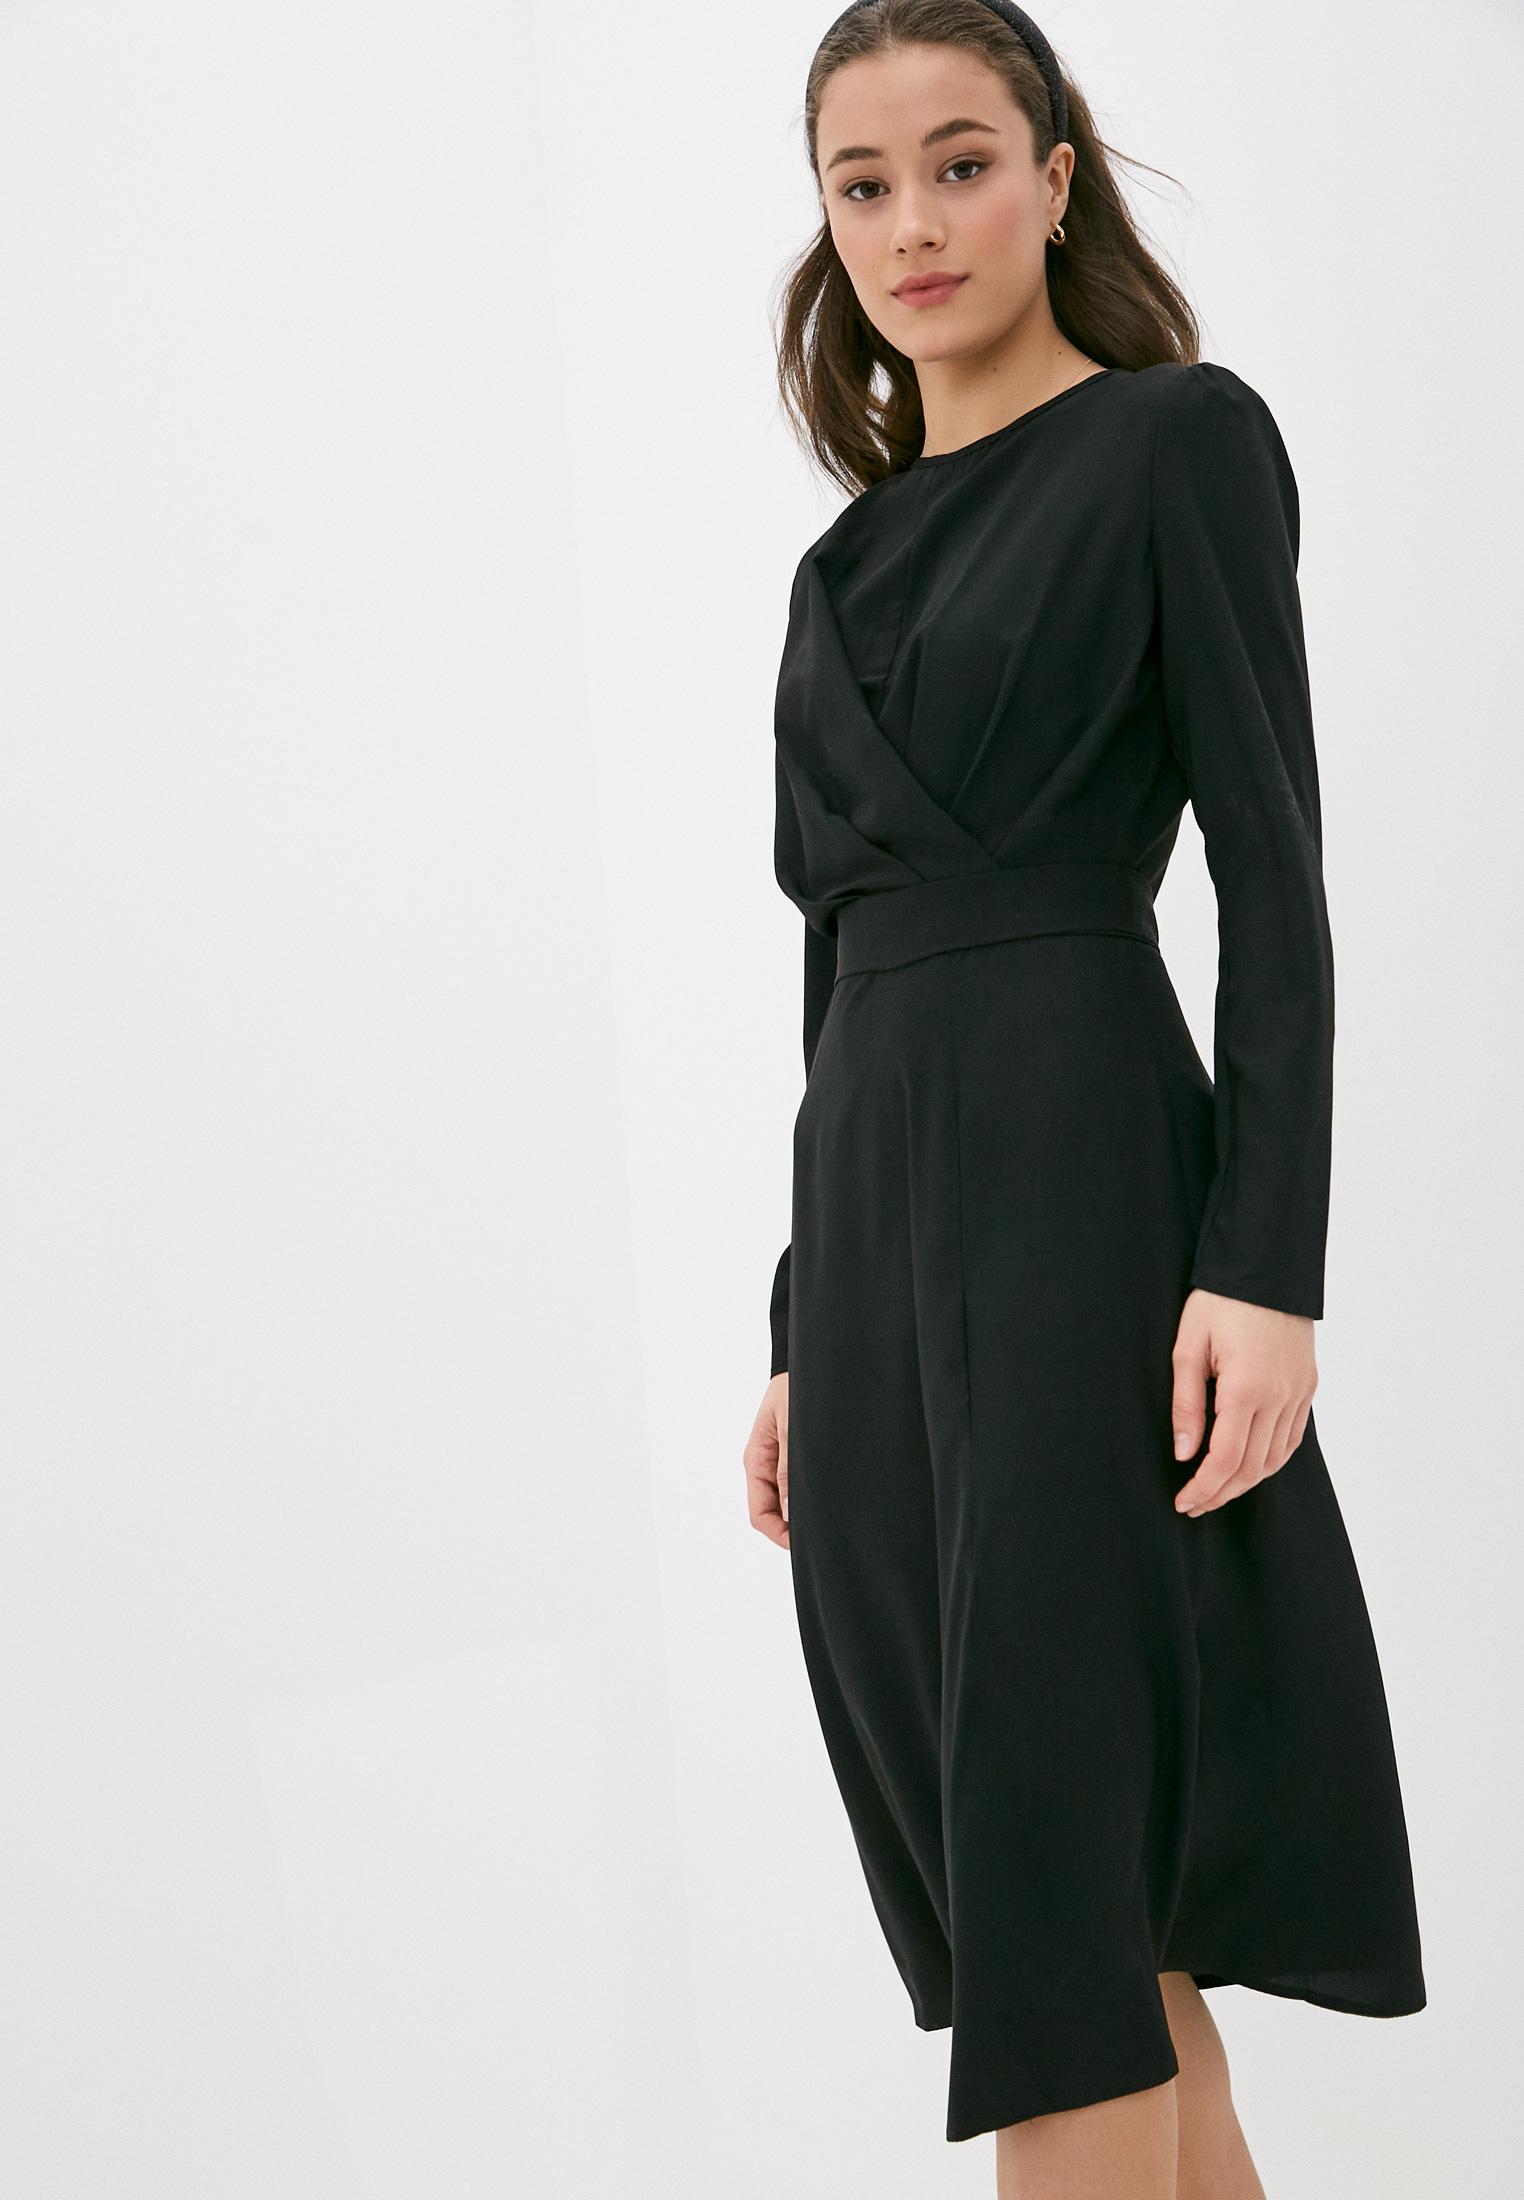 Платье Dunia DU21-36-1